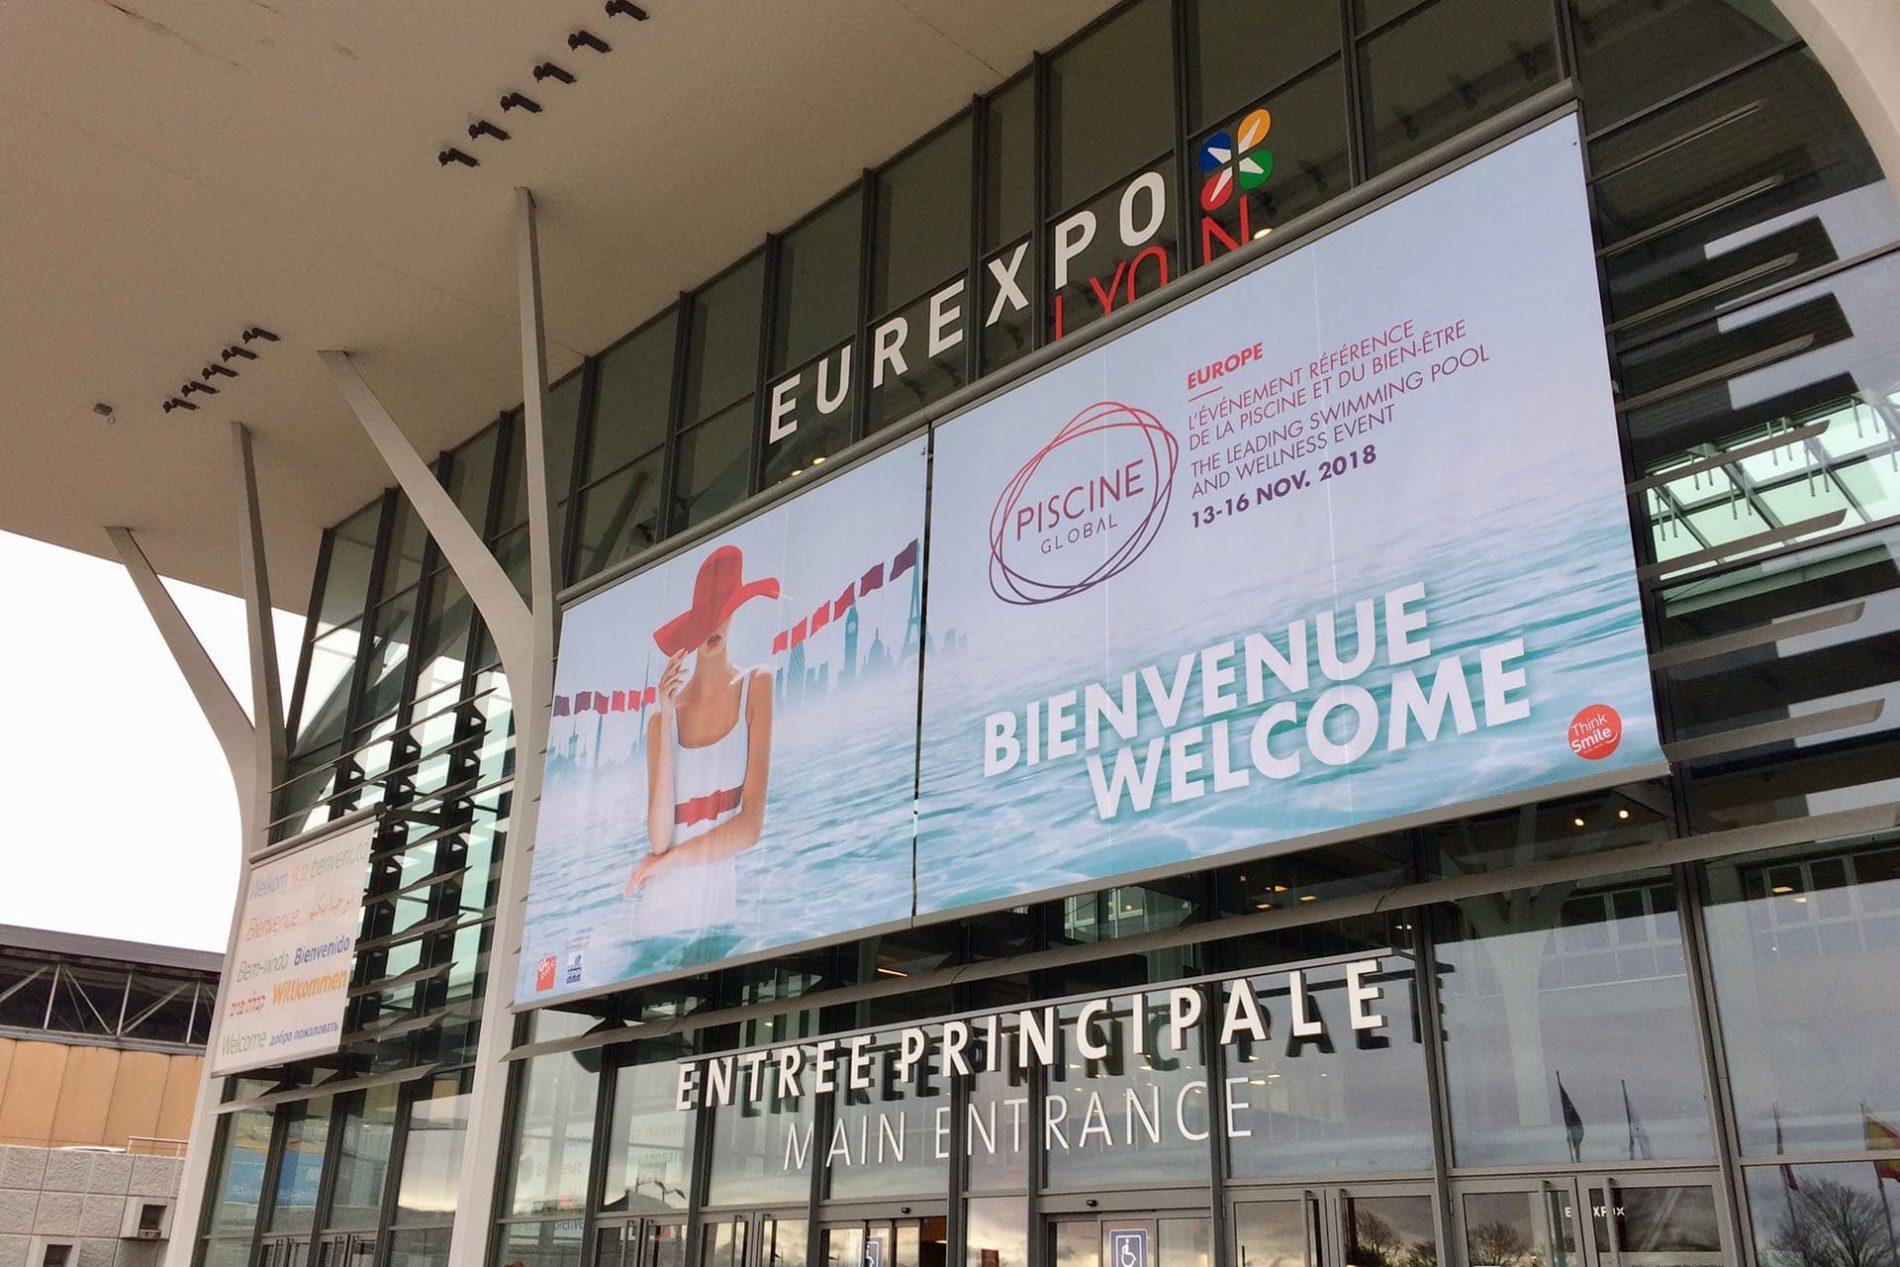 piscine global europe 2018